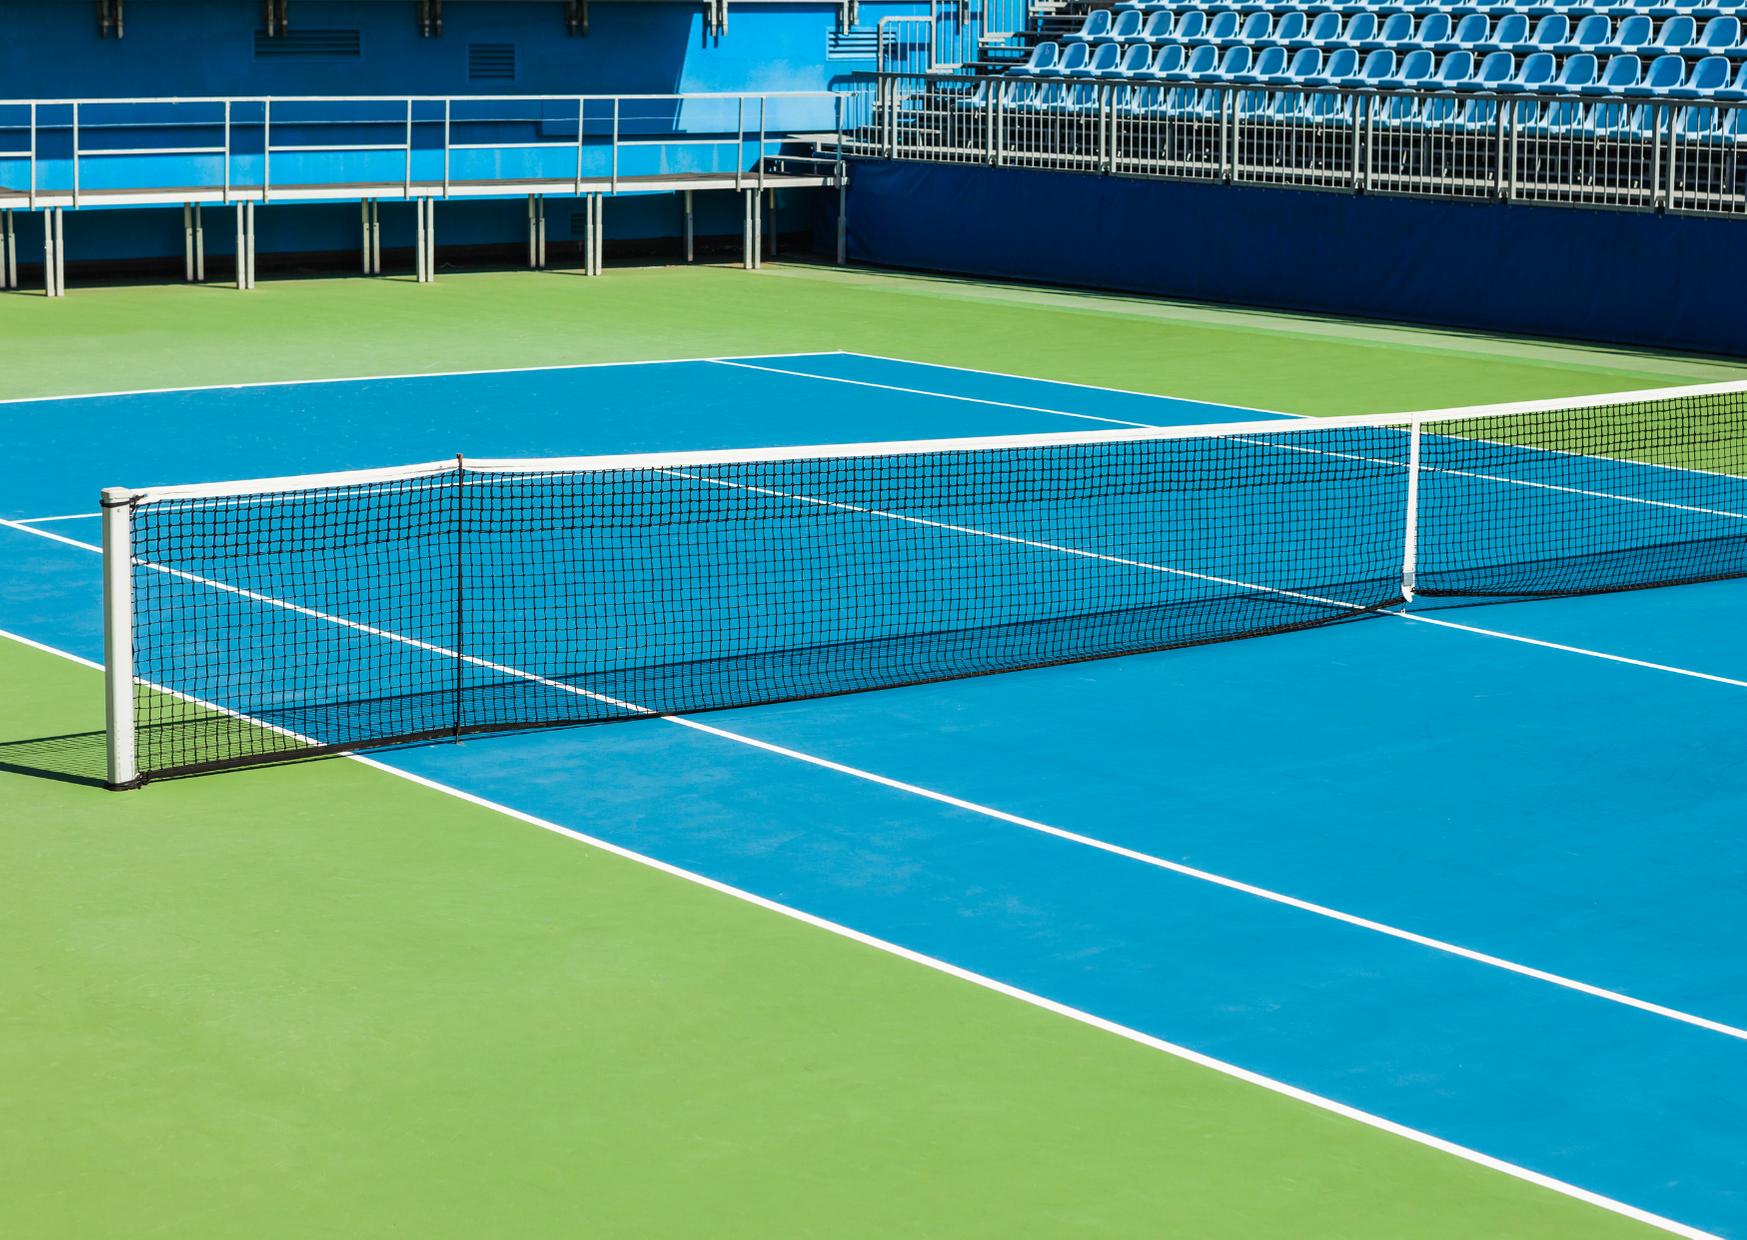 a hard tennis court